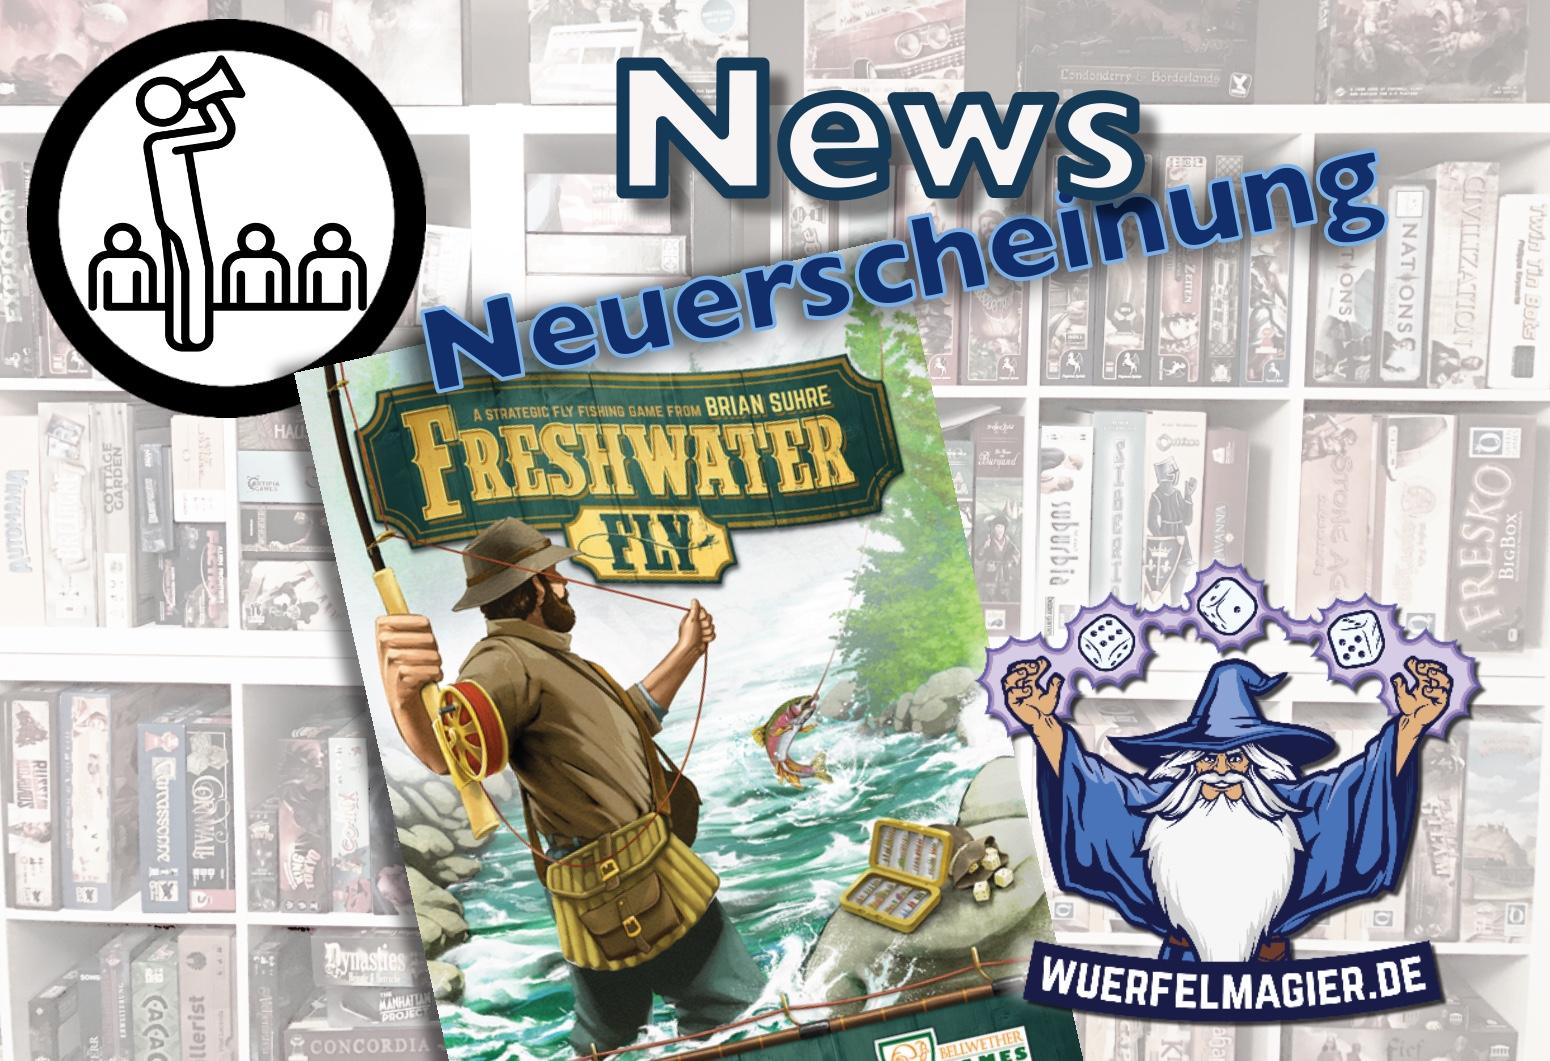 News Neuerscheinung Freshwater Fly Spielfaible